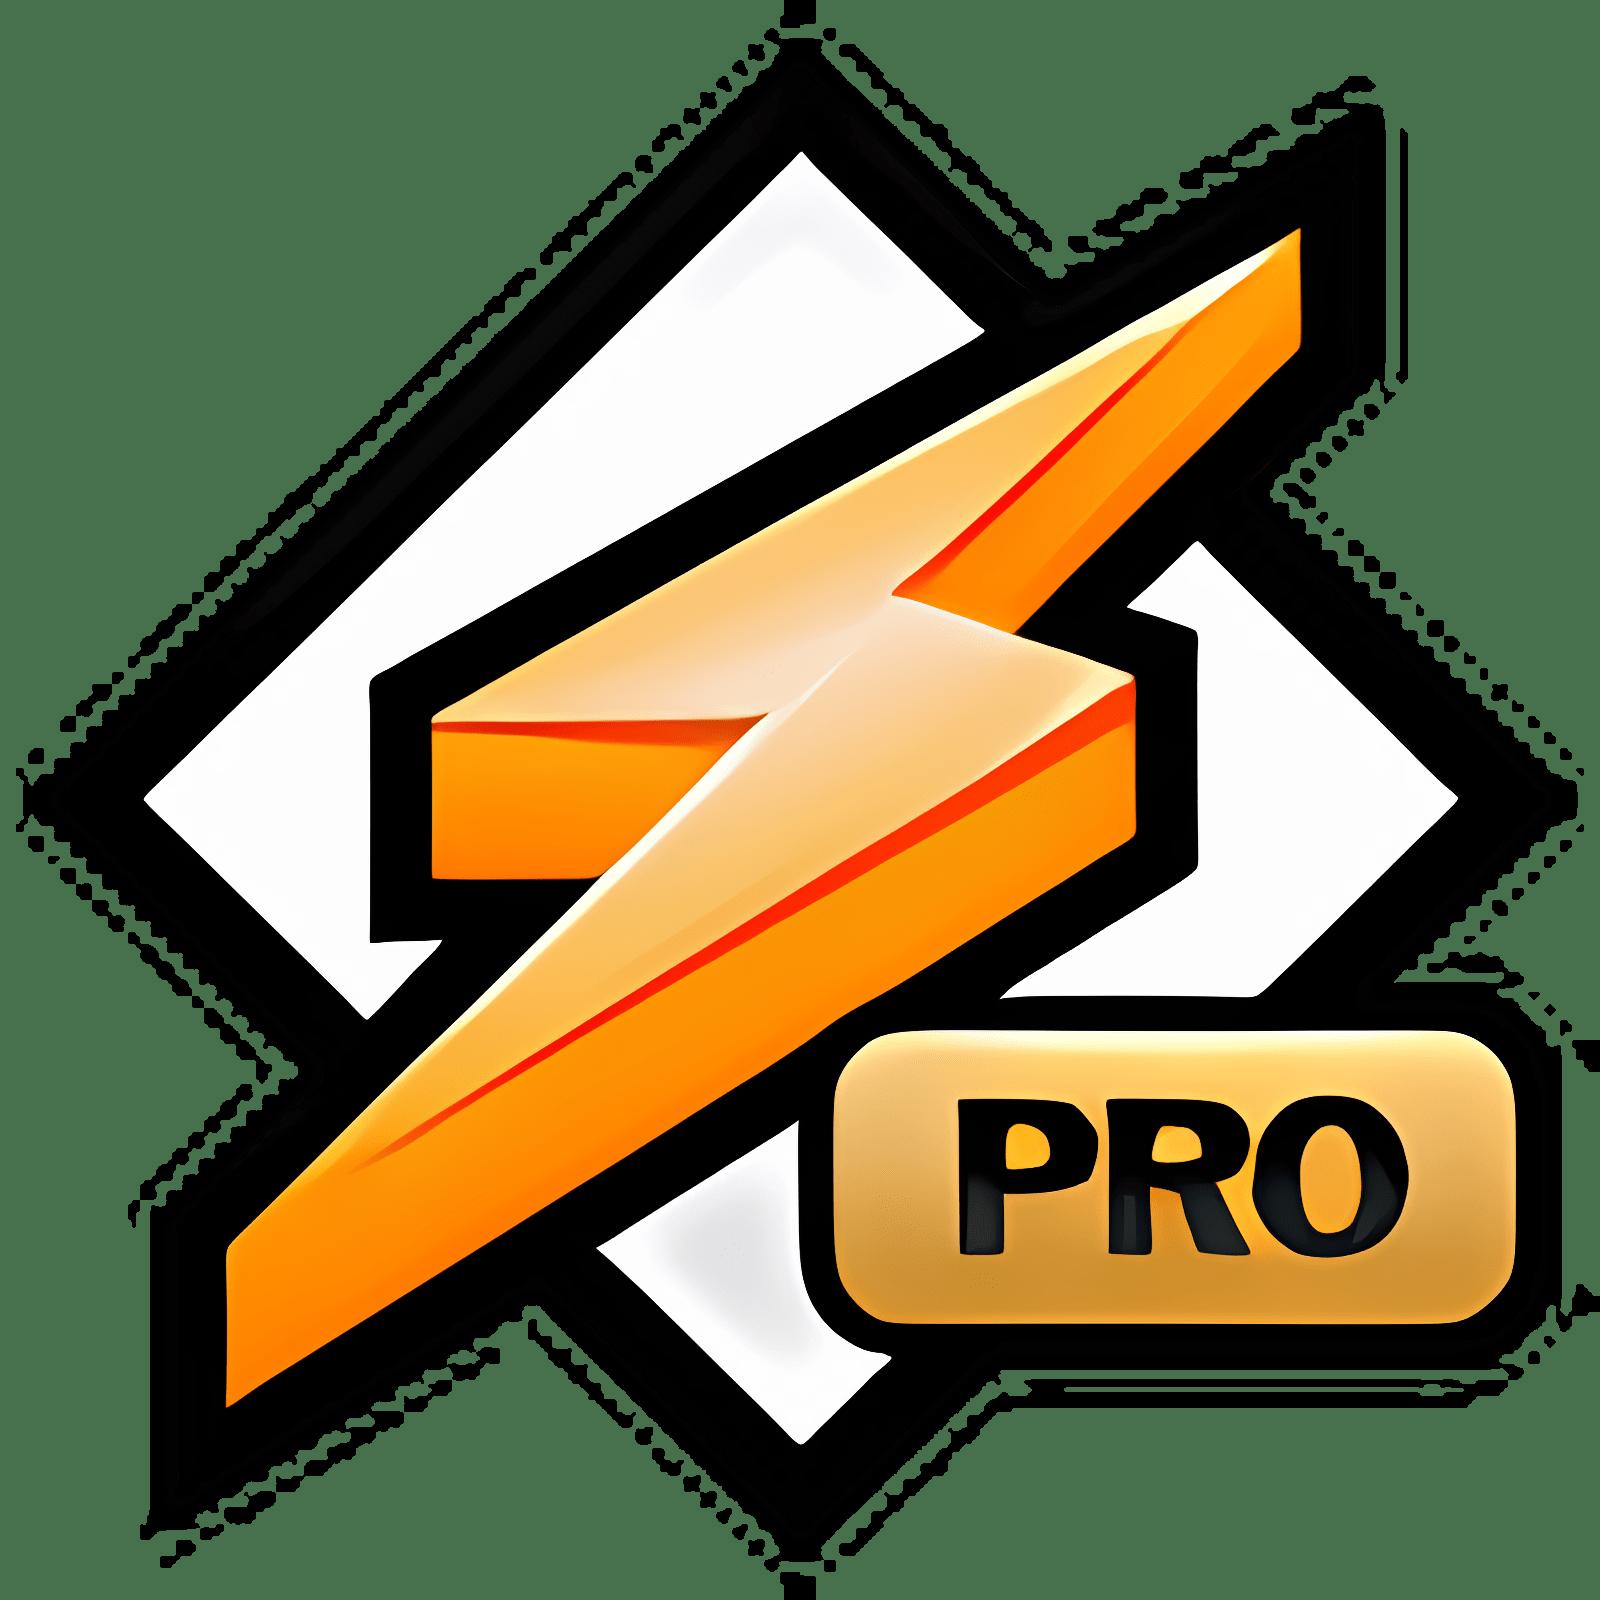 Winamp Pro 1.1.0.1